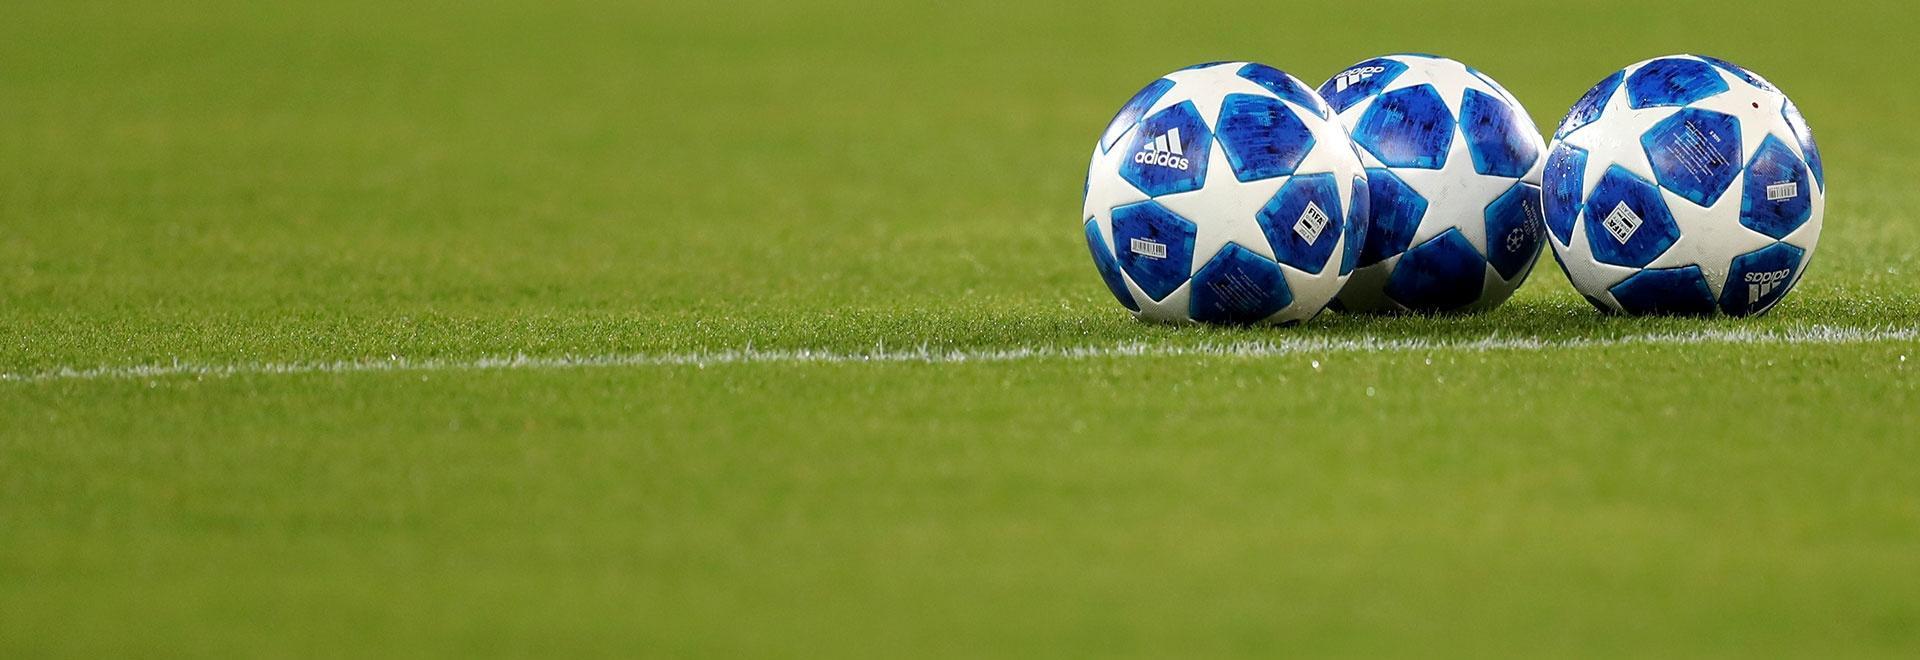 Paris - Bayern M. 2020. Finale